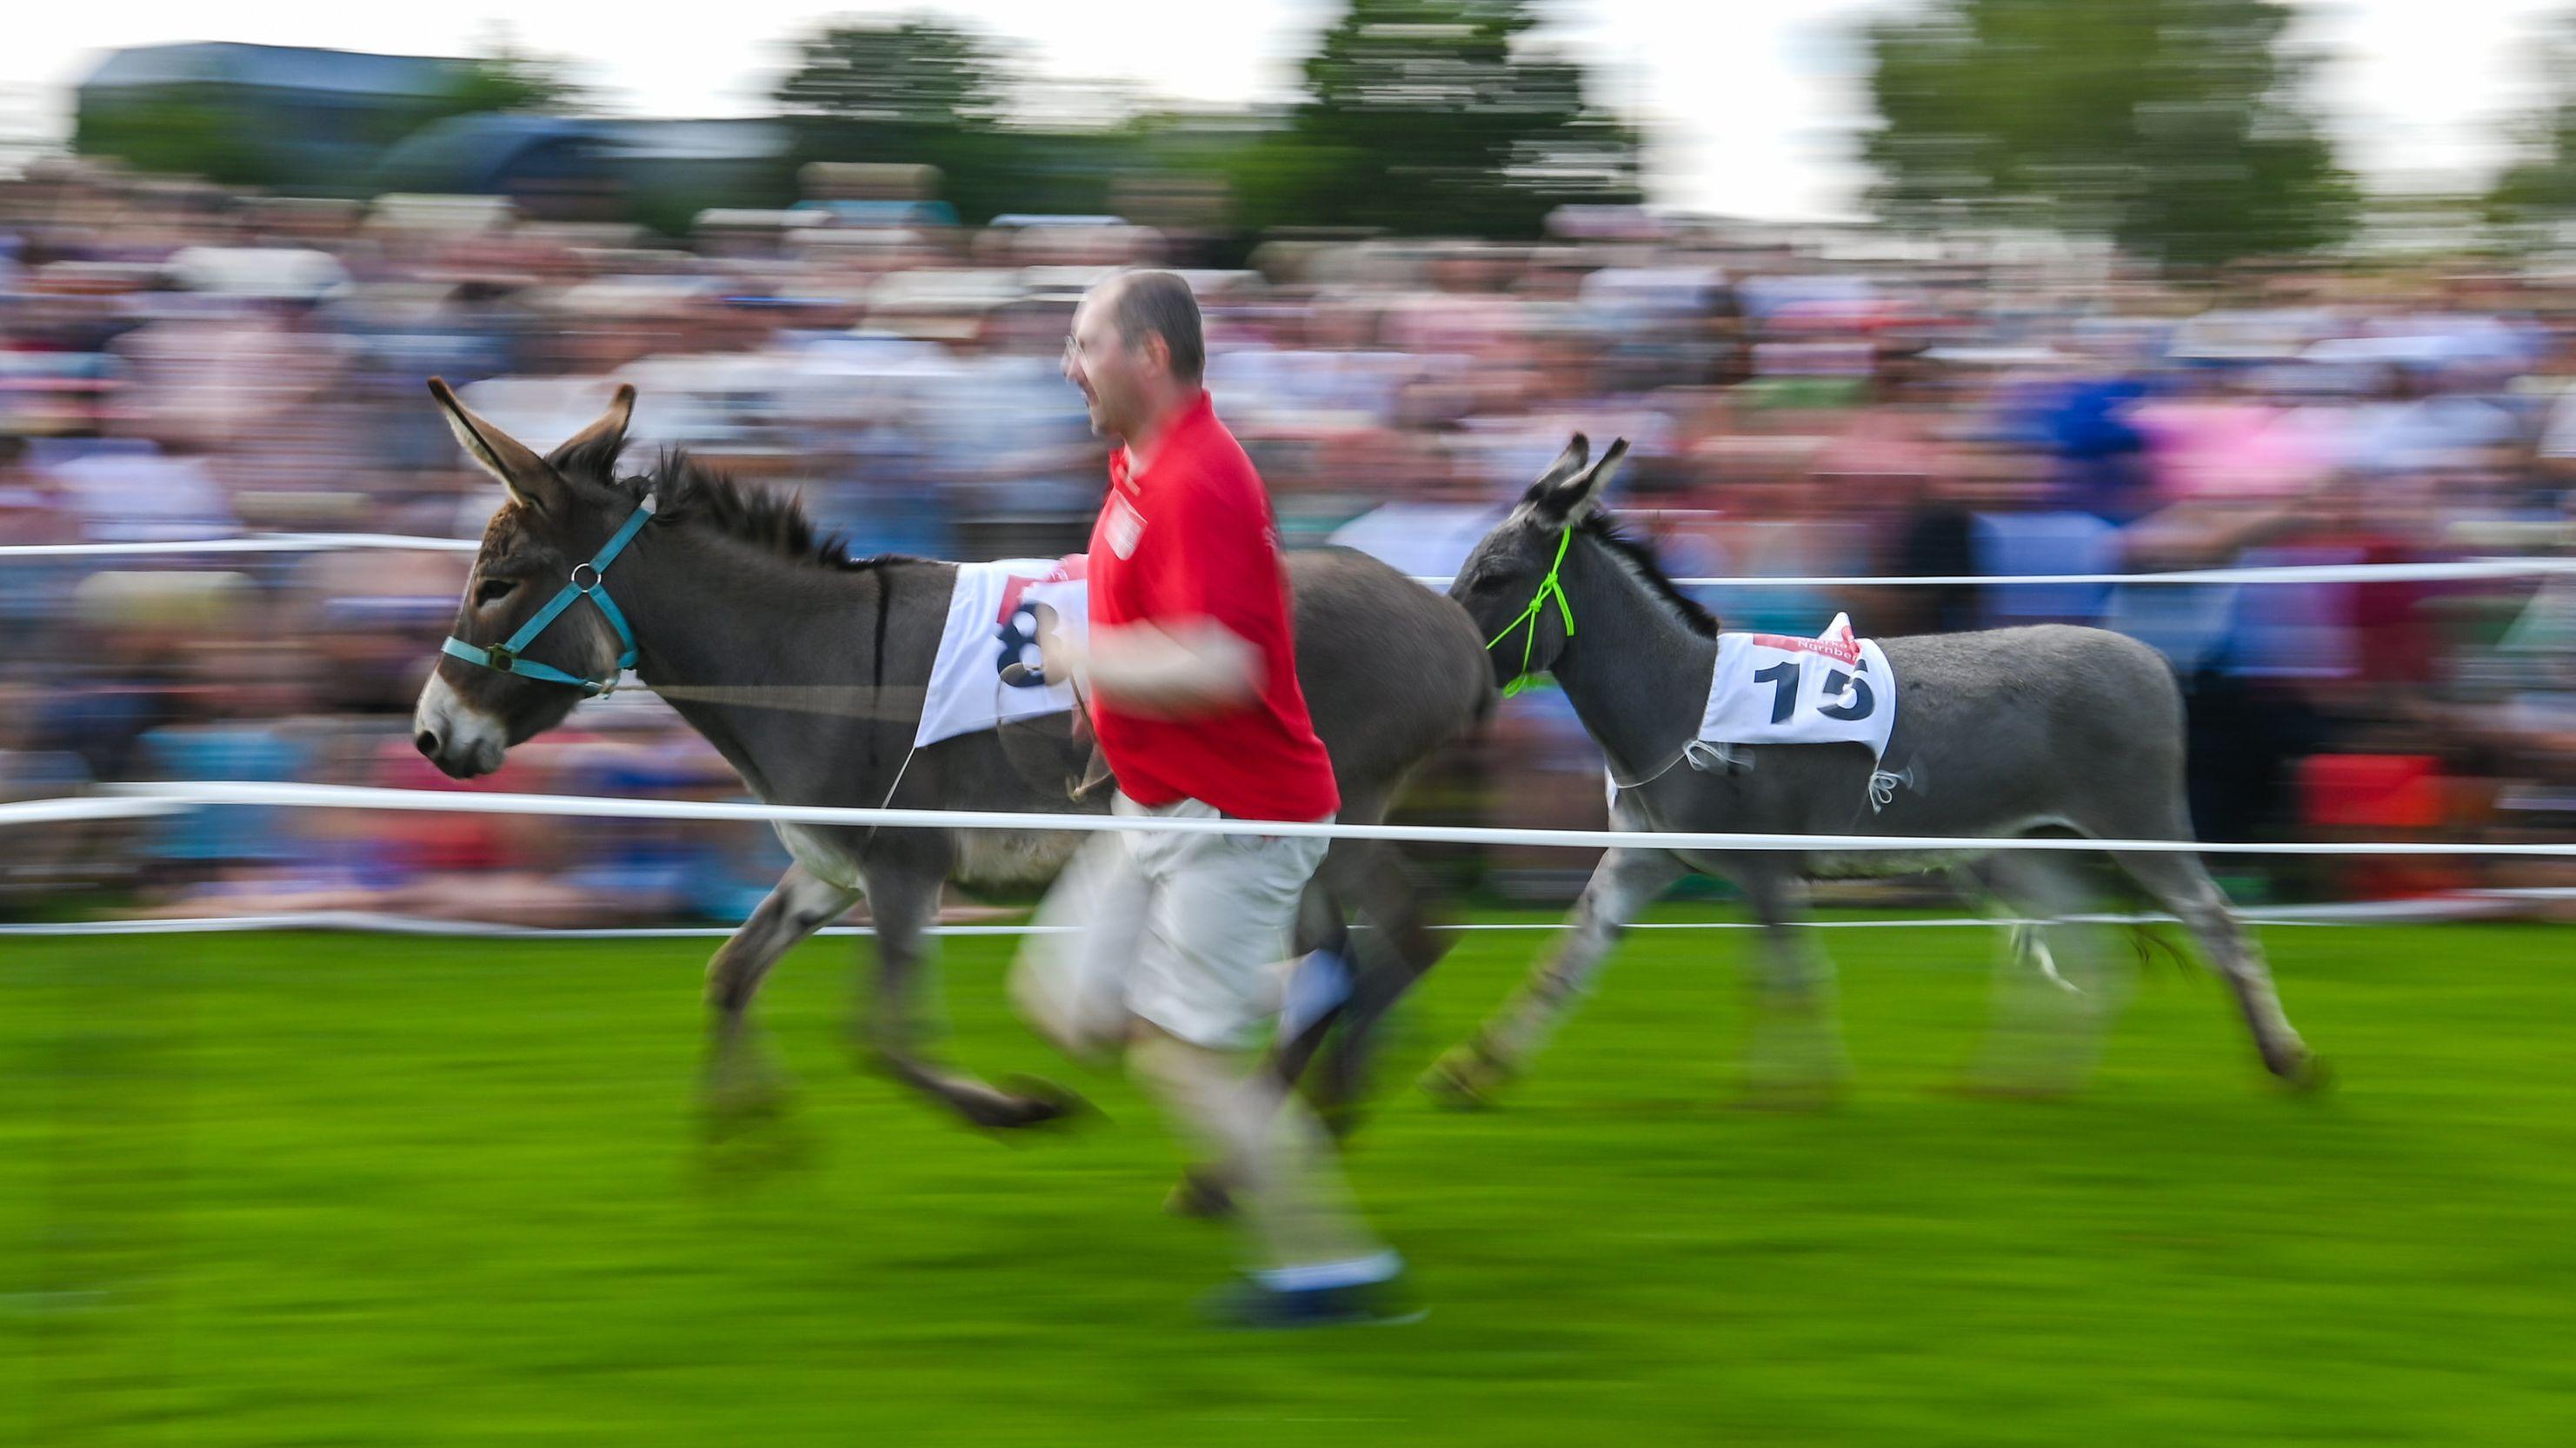 Hersbrucker Eselrennen